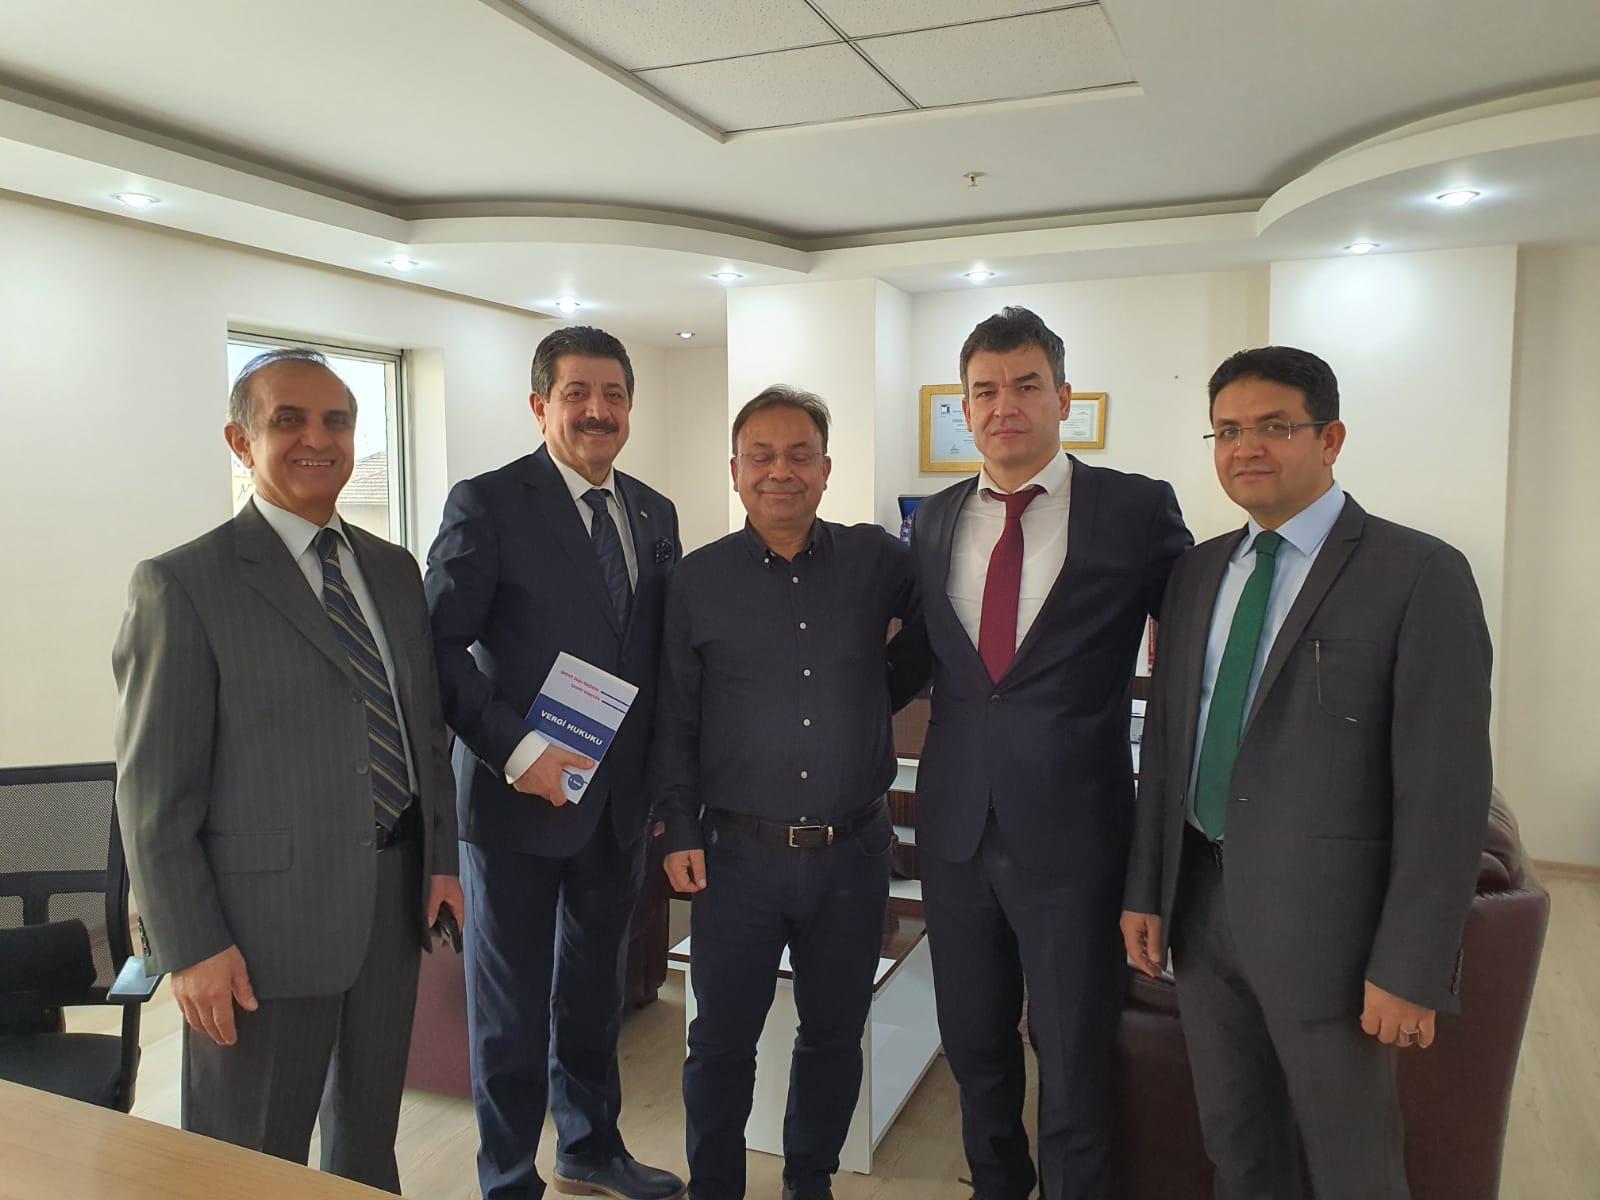 29.01.2020 tarihinde  YMM Ayhan TEMUR'u Yönetim Kurulumuz  ziyaret etti.